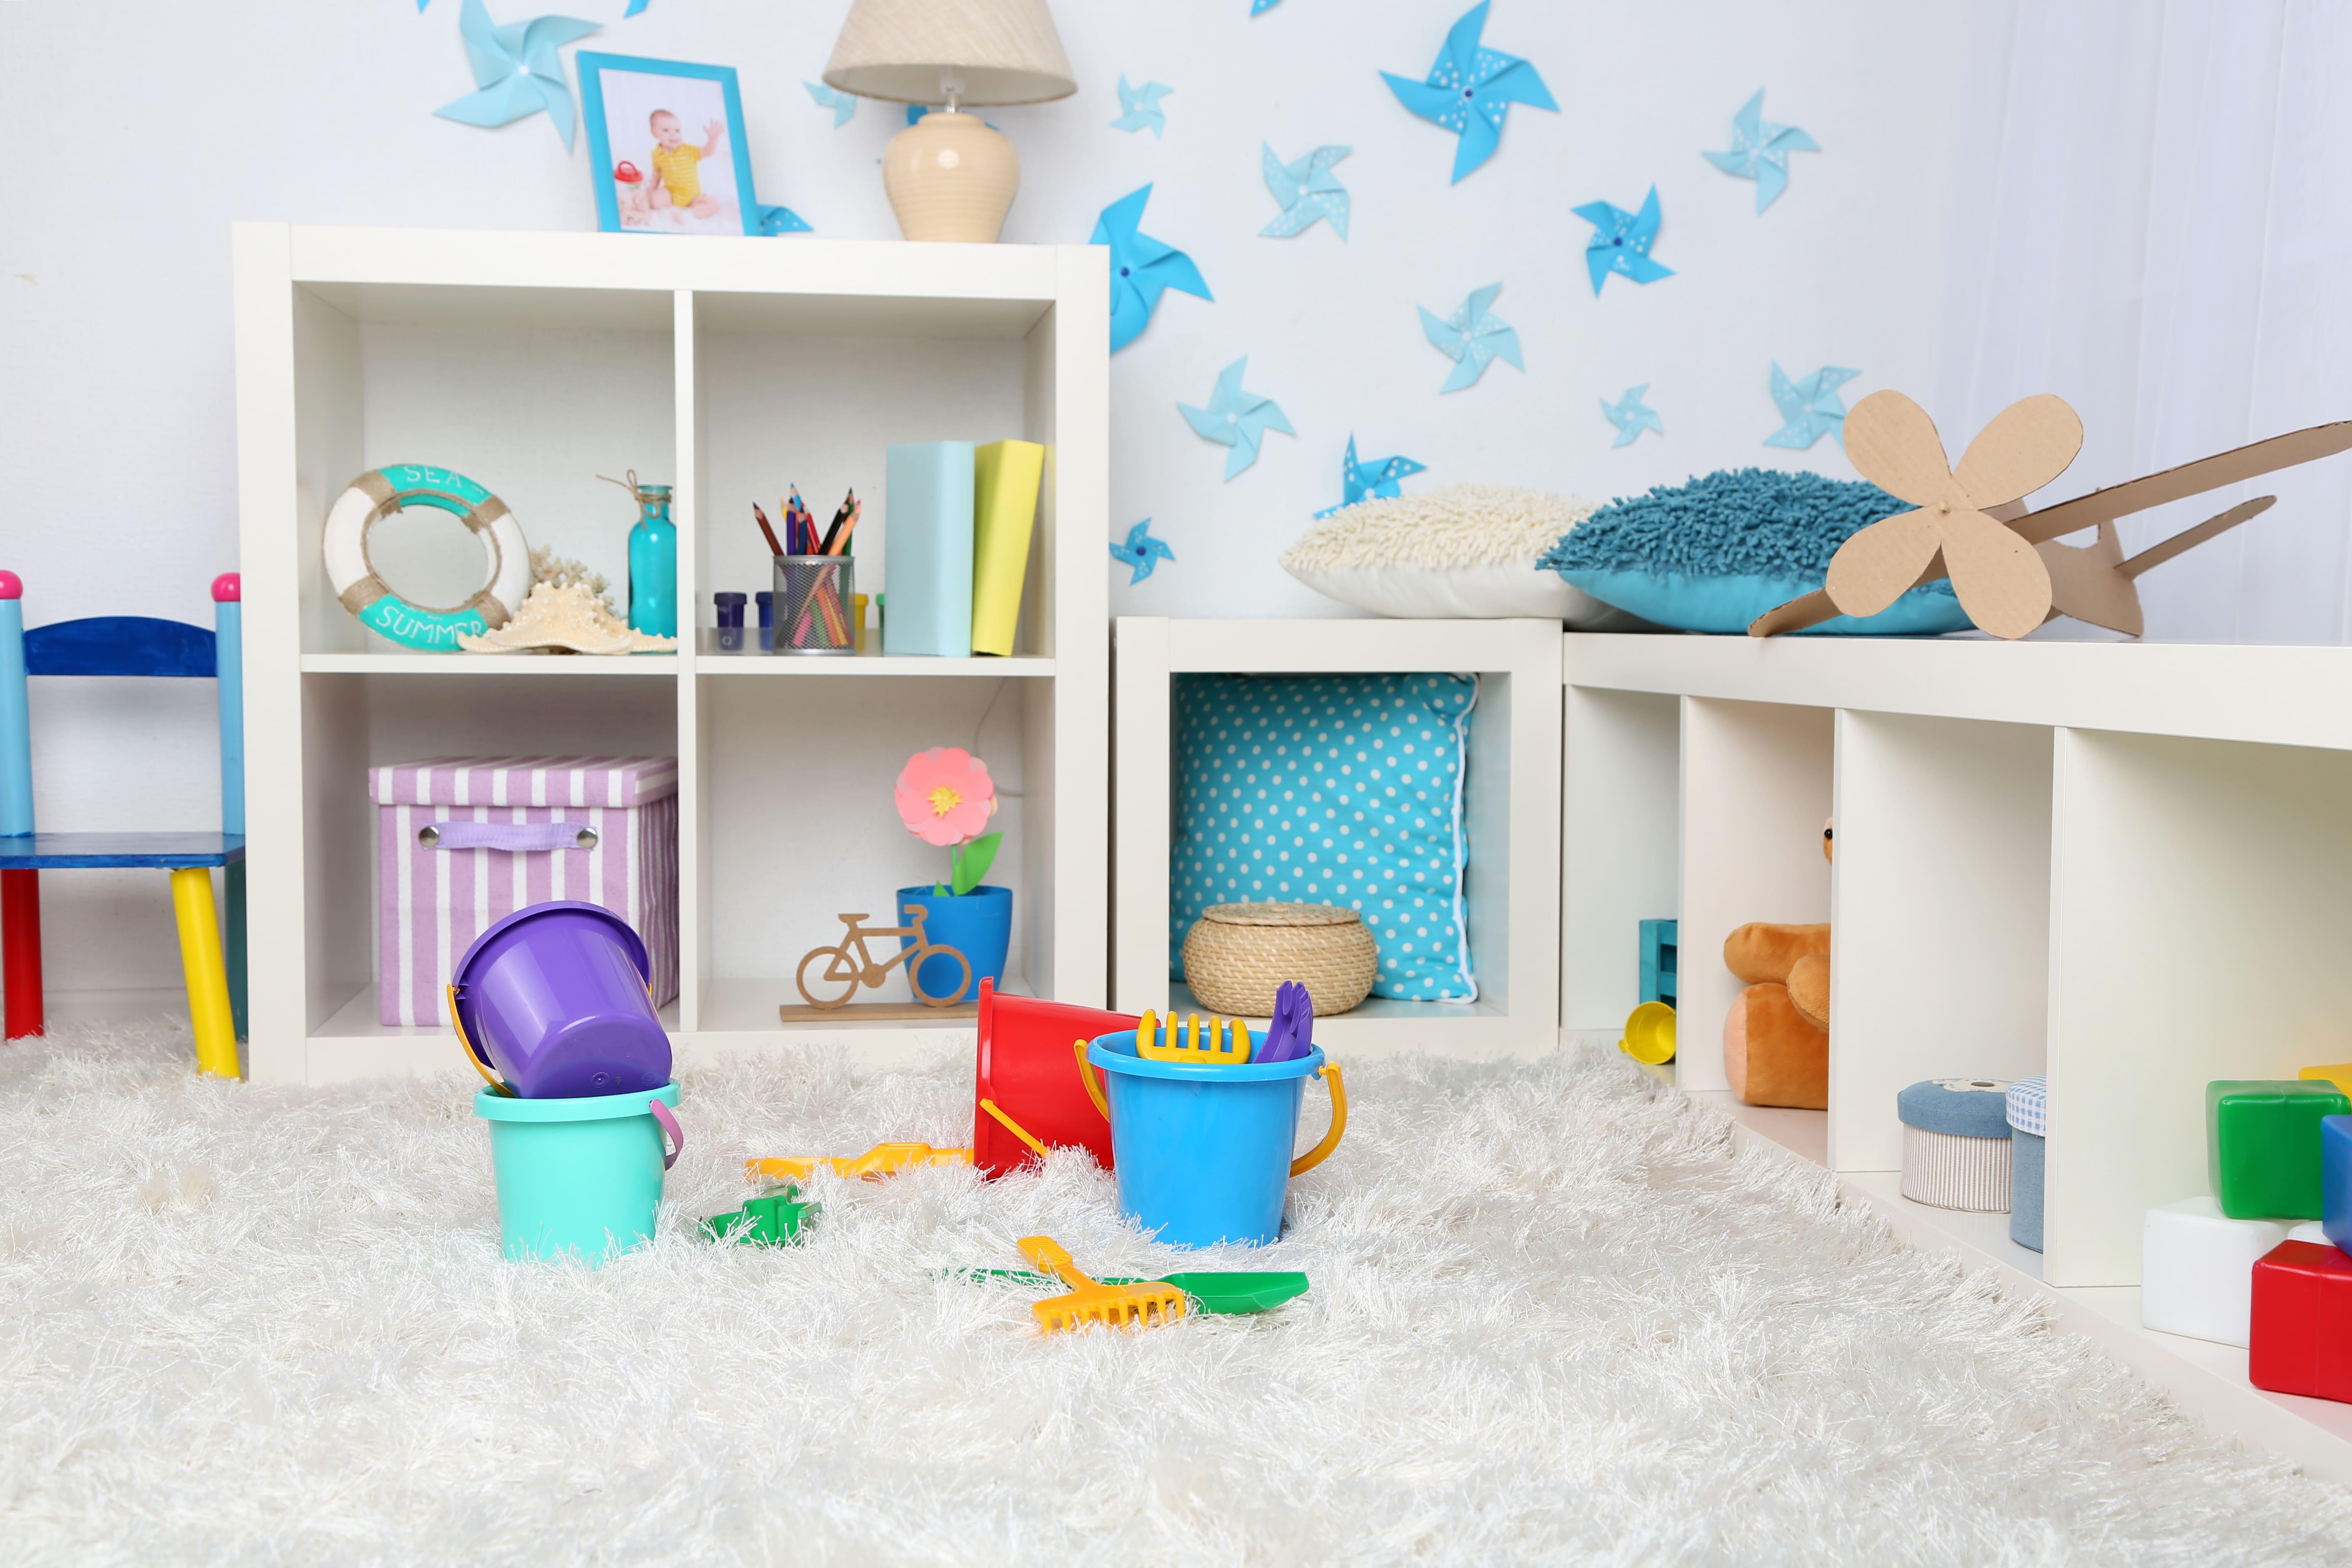 Foto de um cantinho com vários brinquedos e móveis que o empreendedor poderá trabalhar quando ele montar um serviço de decoração para quarto de bebês